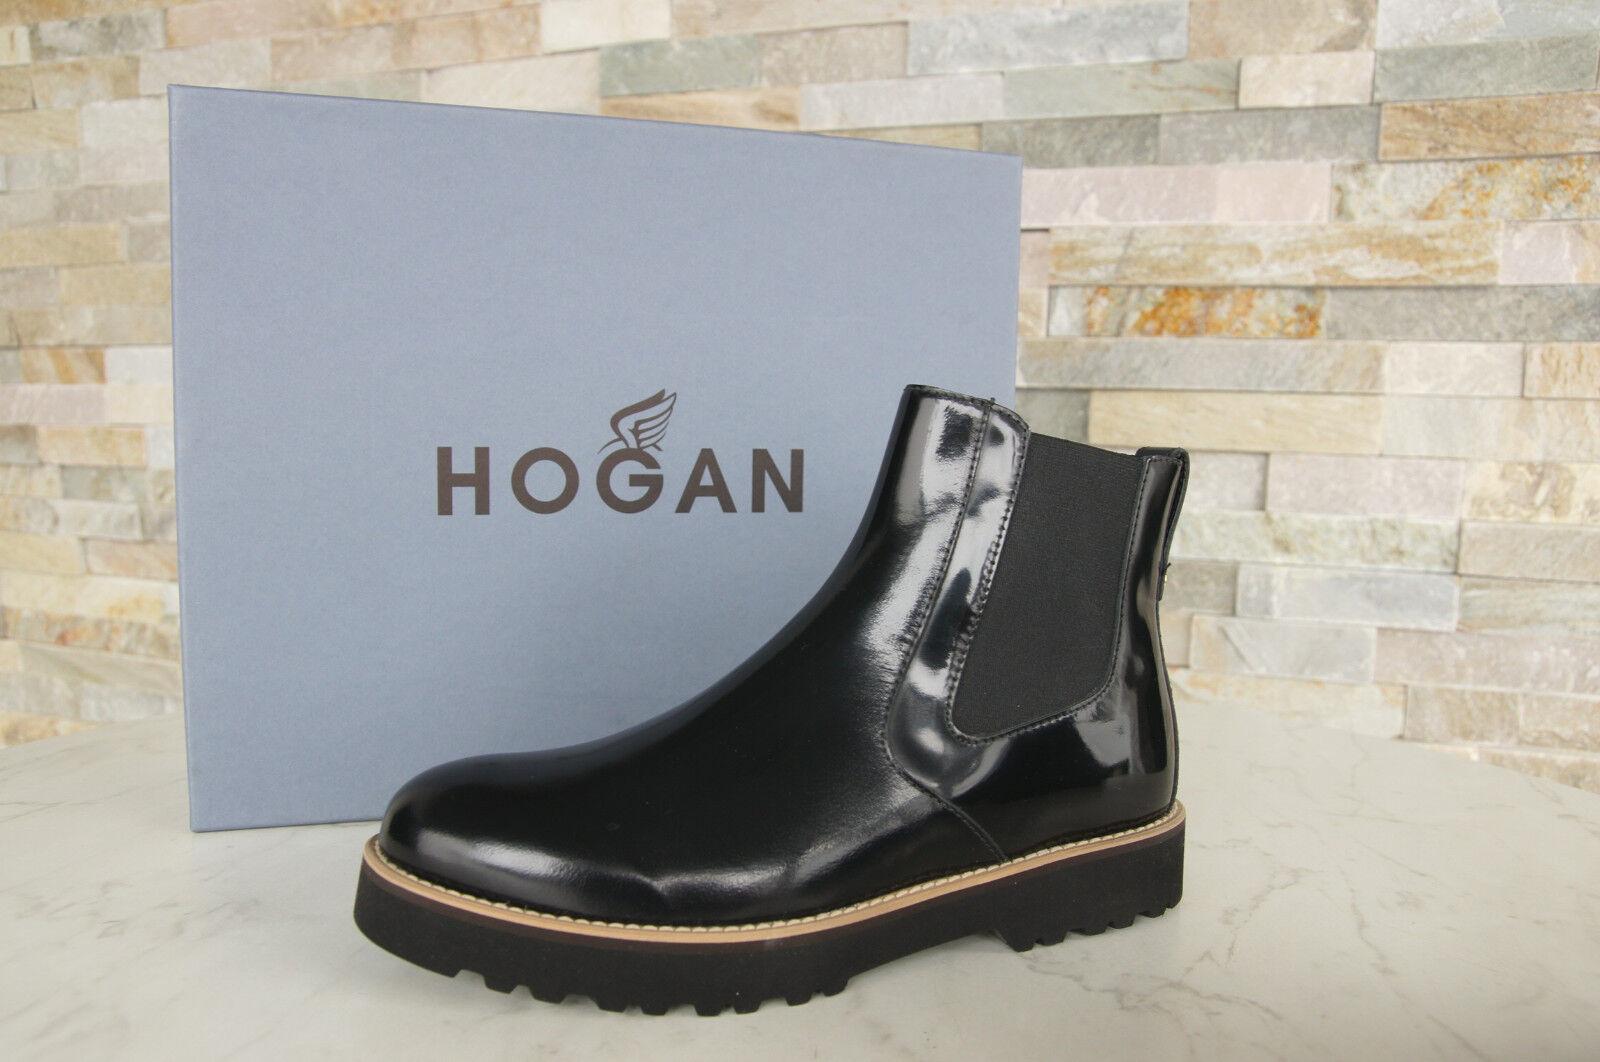 HOGAN by Tods Gr 36 Stiefeletten Booties Schuhe schwarz nero NEU